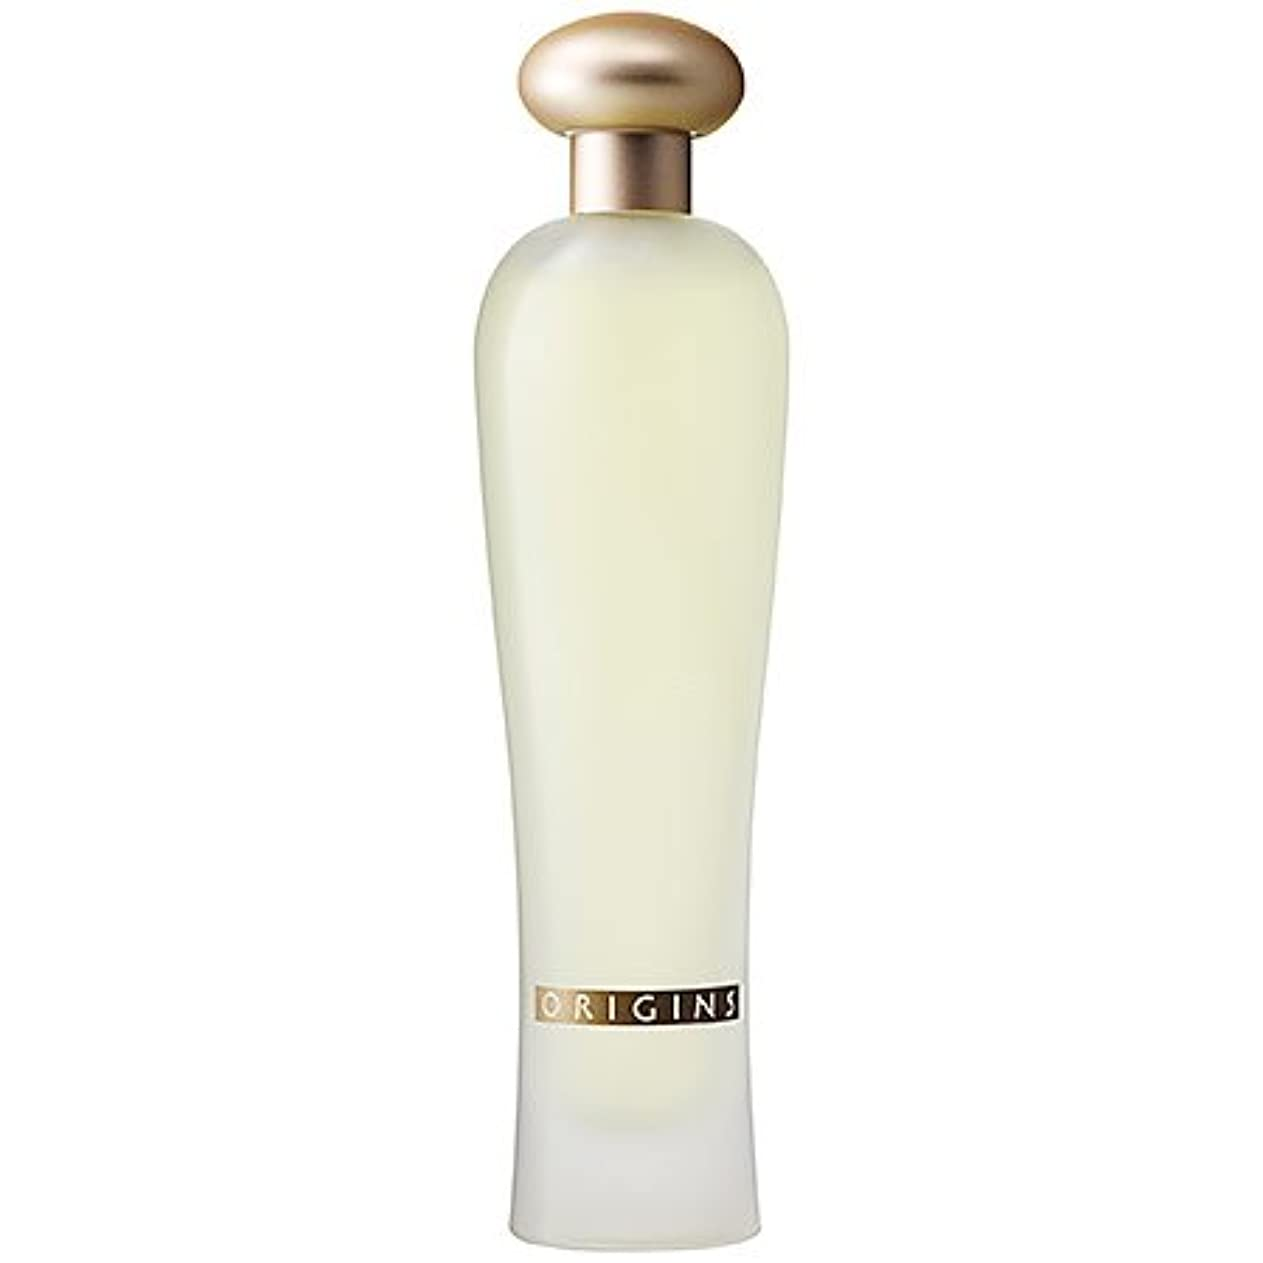 価格供給ふざけたOrigins Ginger Essence Sensuous Skin Scent (オリジンズ ジンジャー エッセンス スキン セント) 3.4 oz (100ml) Spray for Women